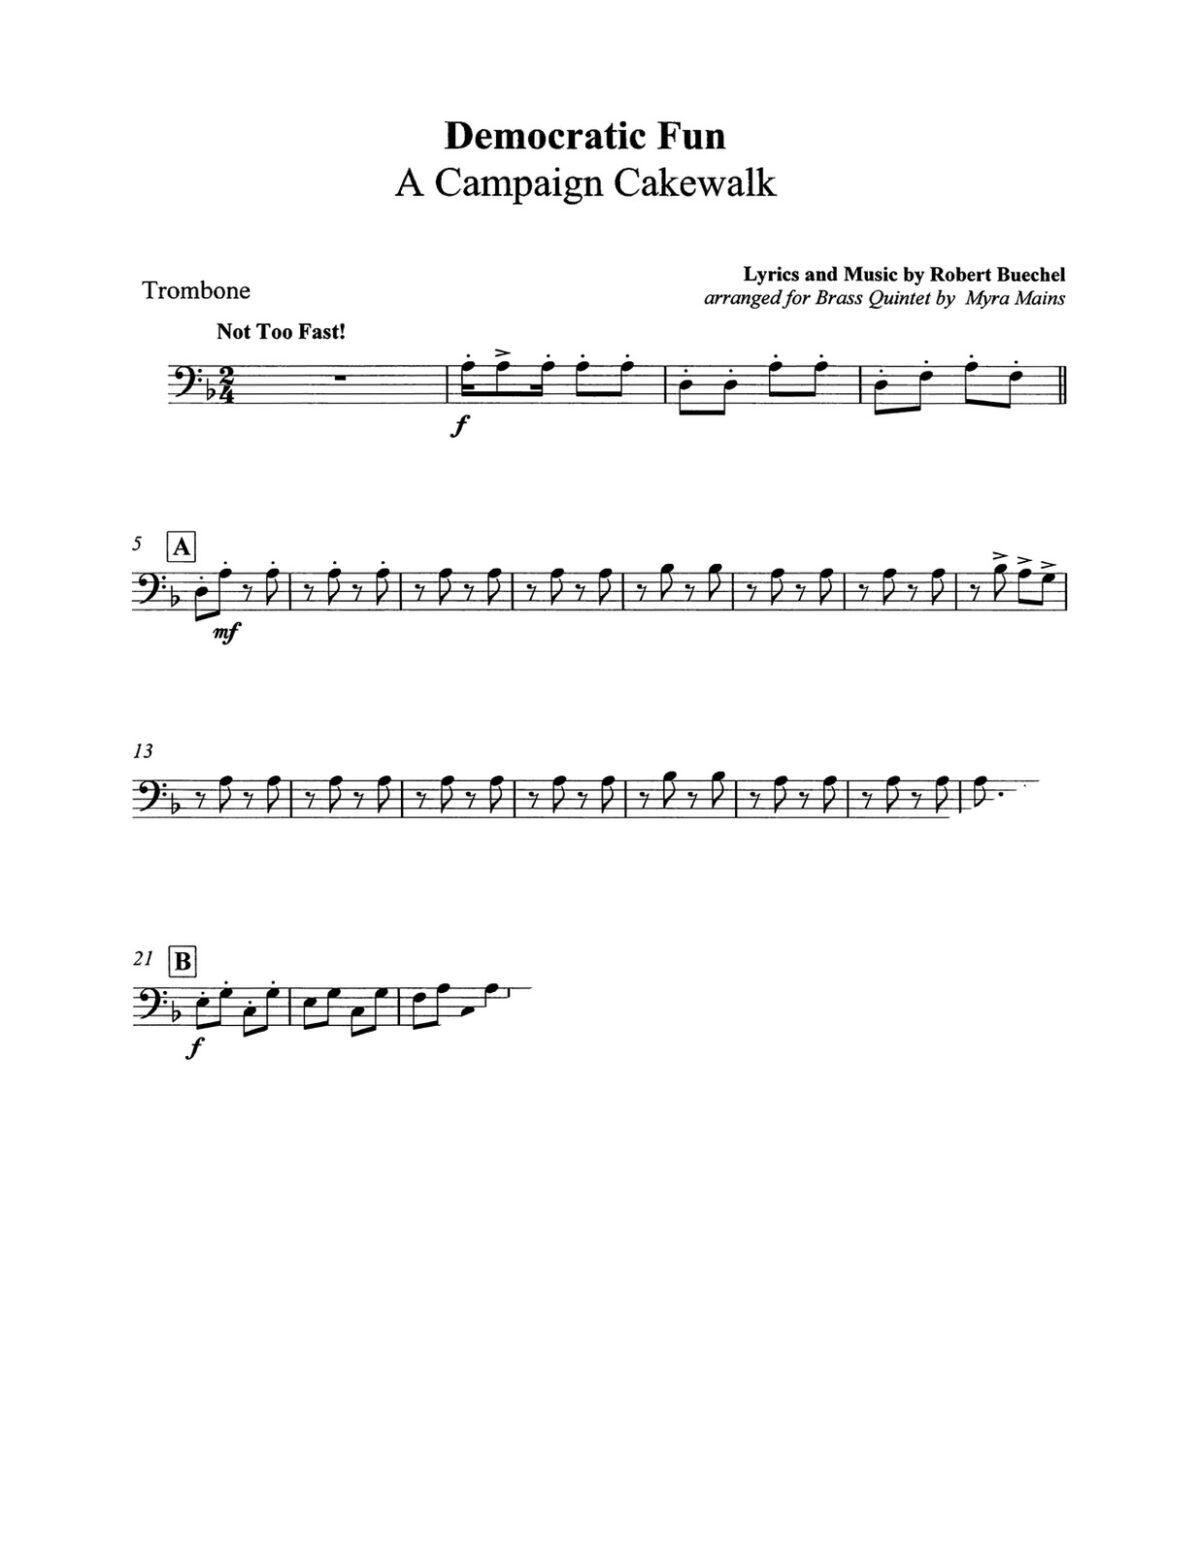 Buechel arr Mains, Democratic Fun A Campaign Cakewalk brass quintet-p9-p1